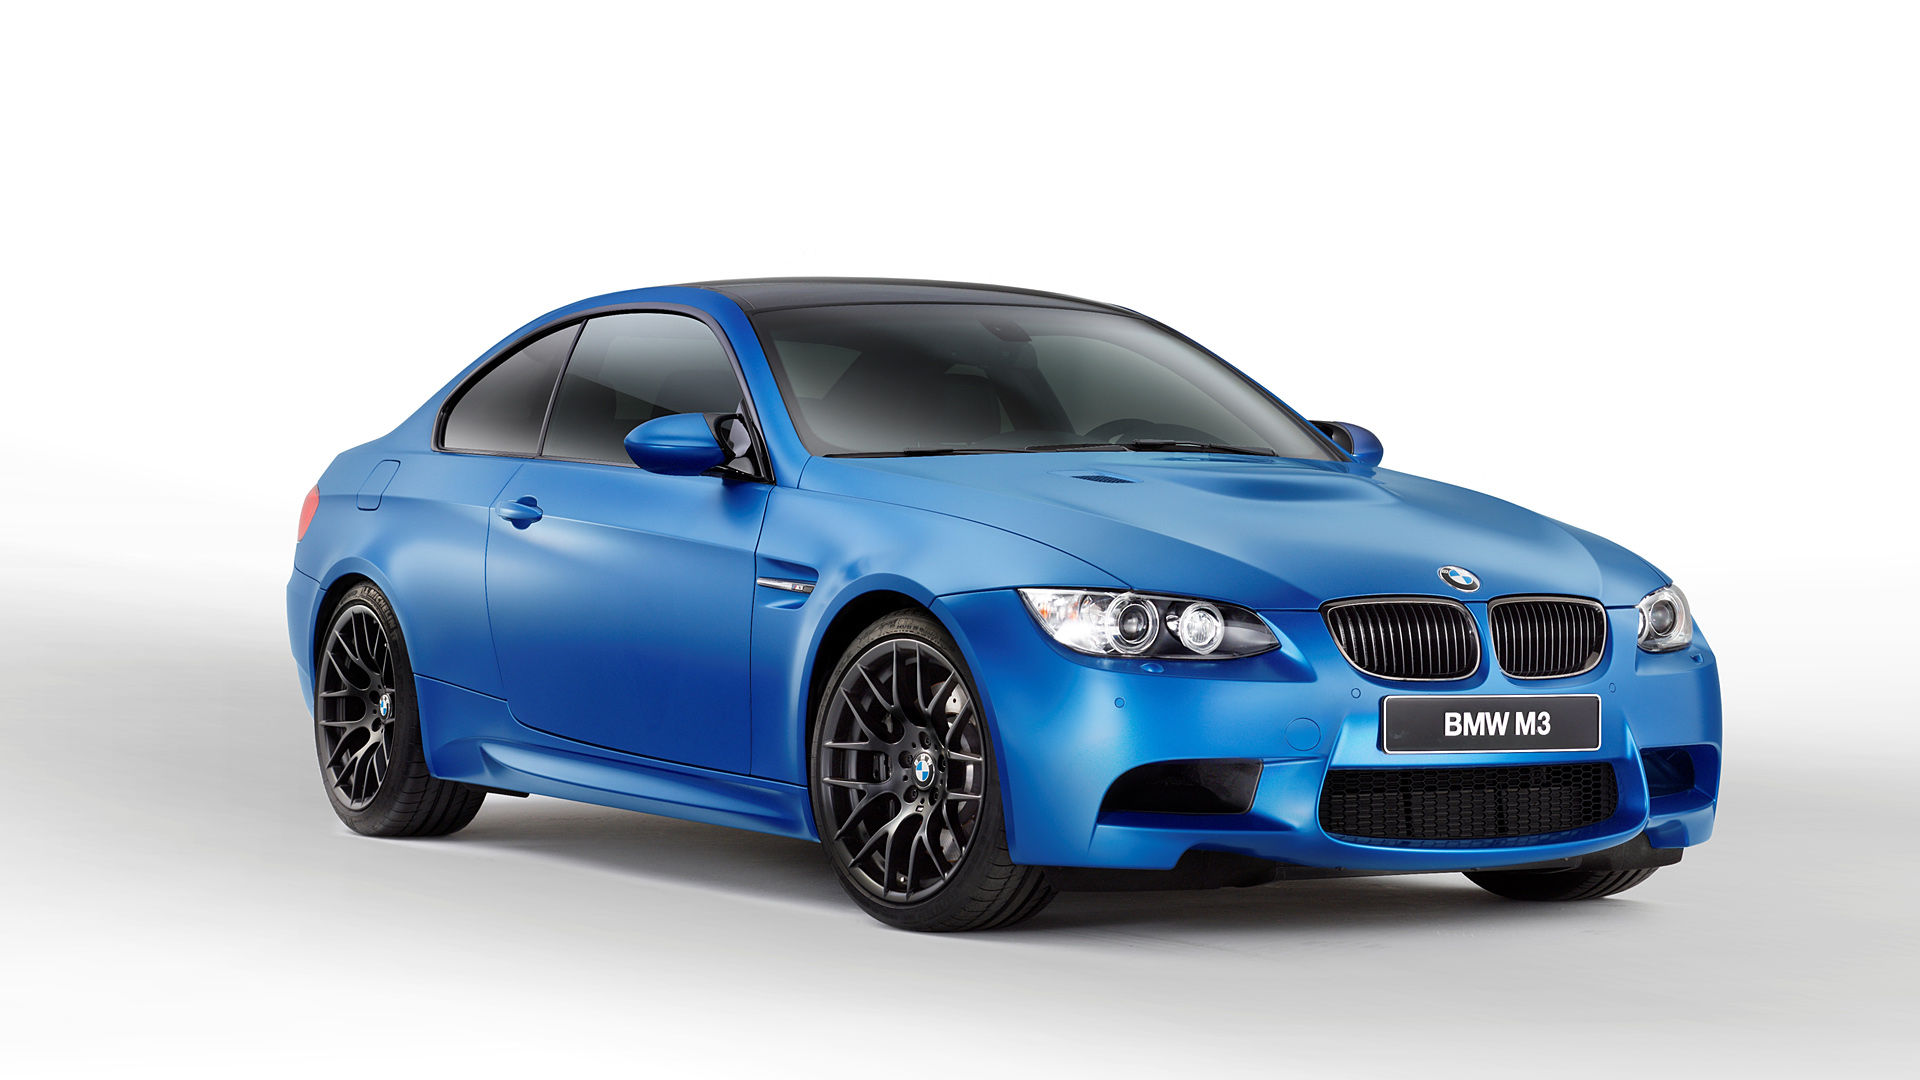 2013 BMW M3 Frozen Edition